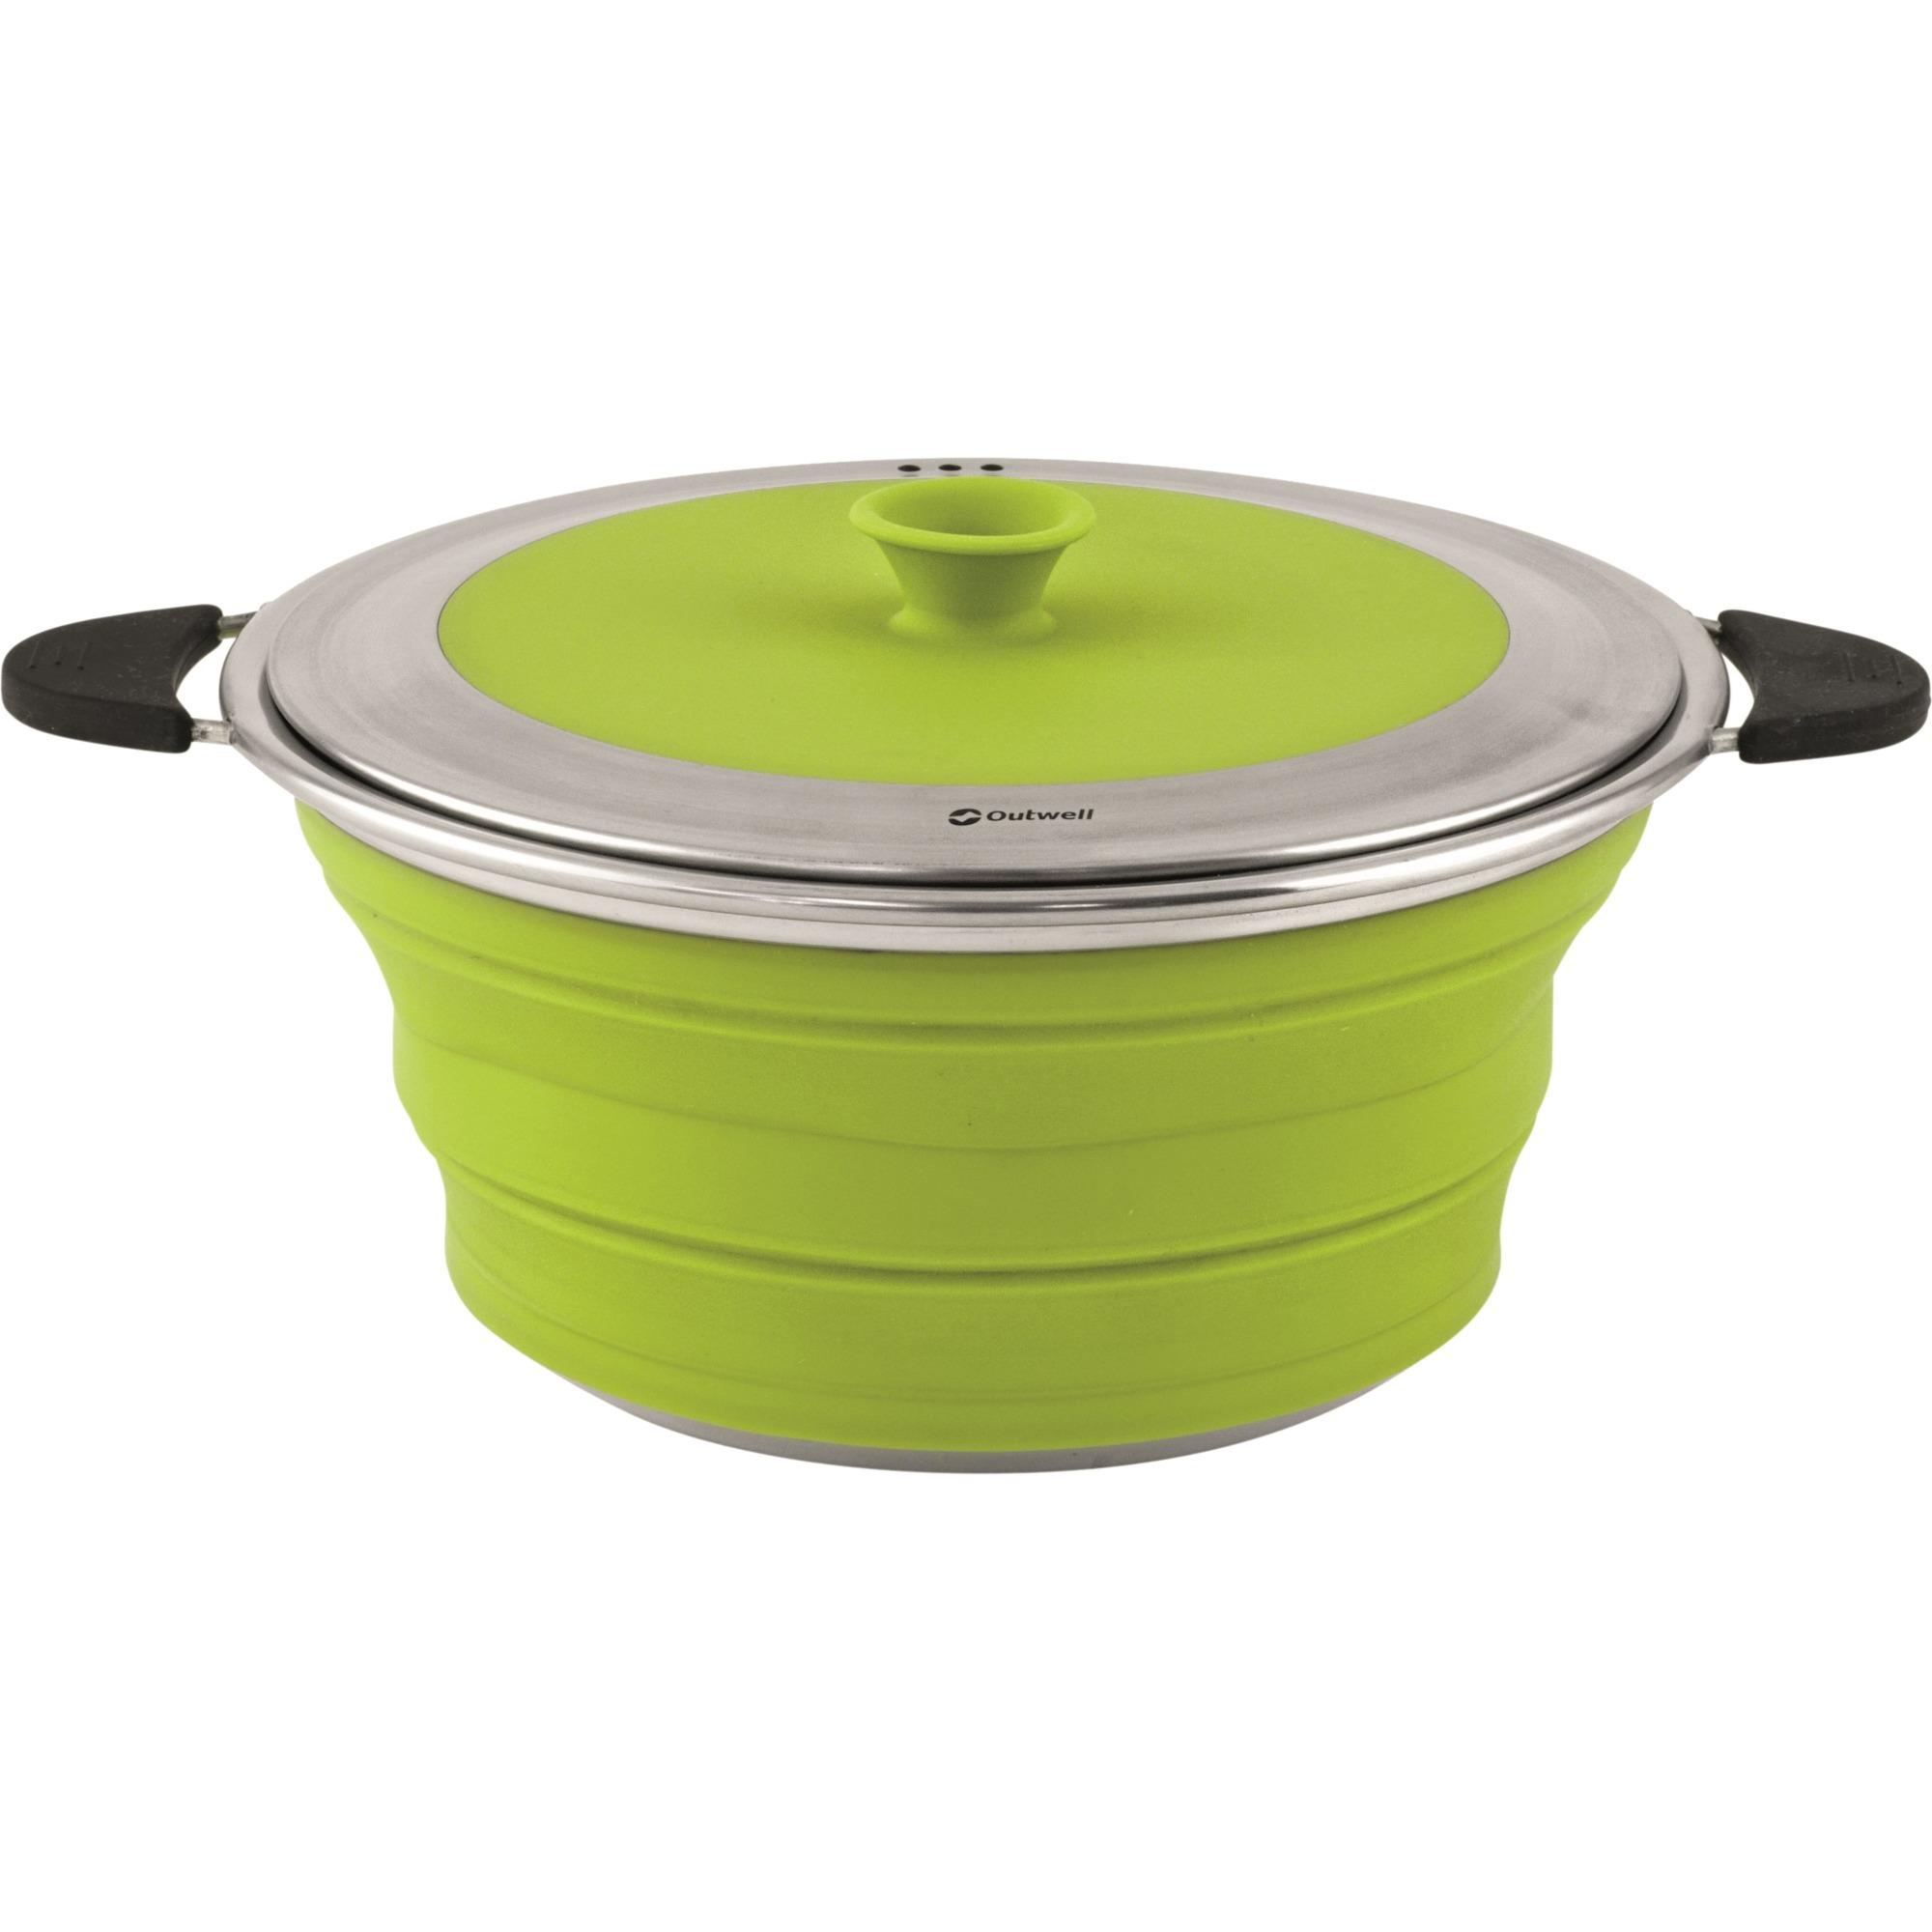 Ballarini batteria pentole verona 10 pezzi prezzi sconti - Batteria da cucina lagostina prezzi ...